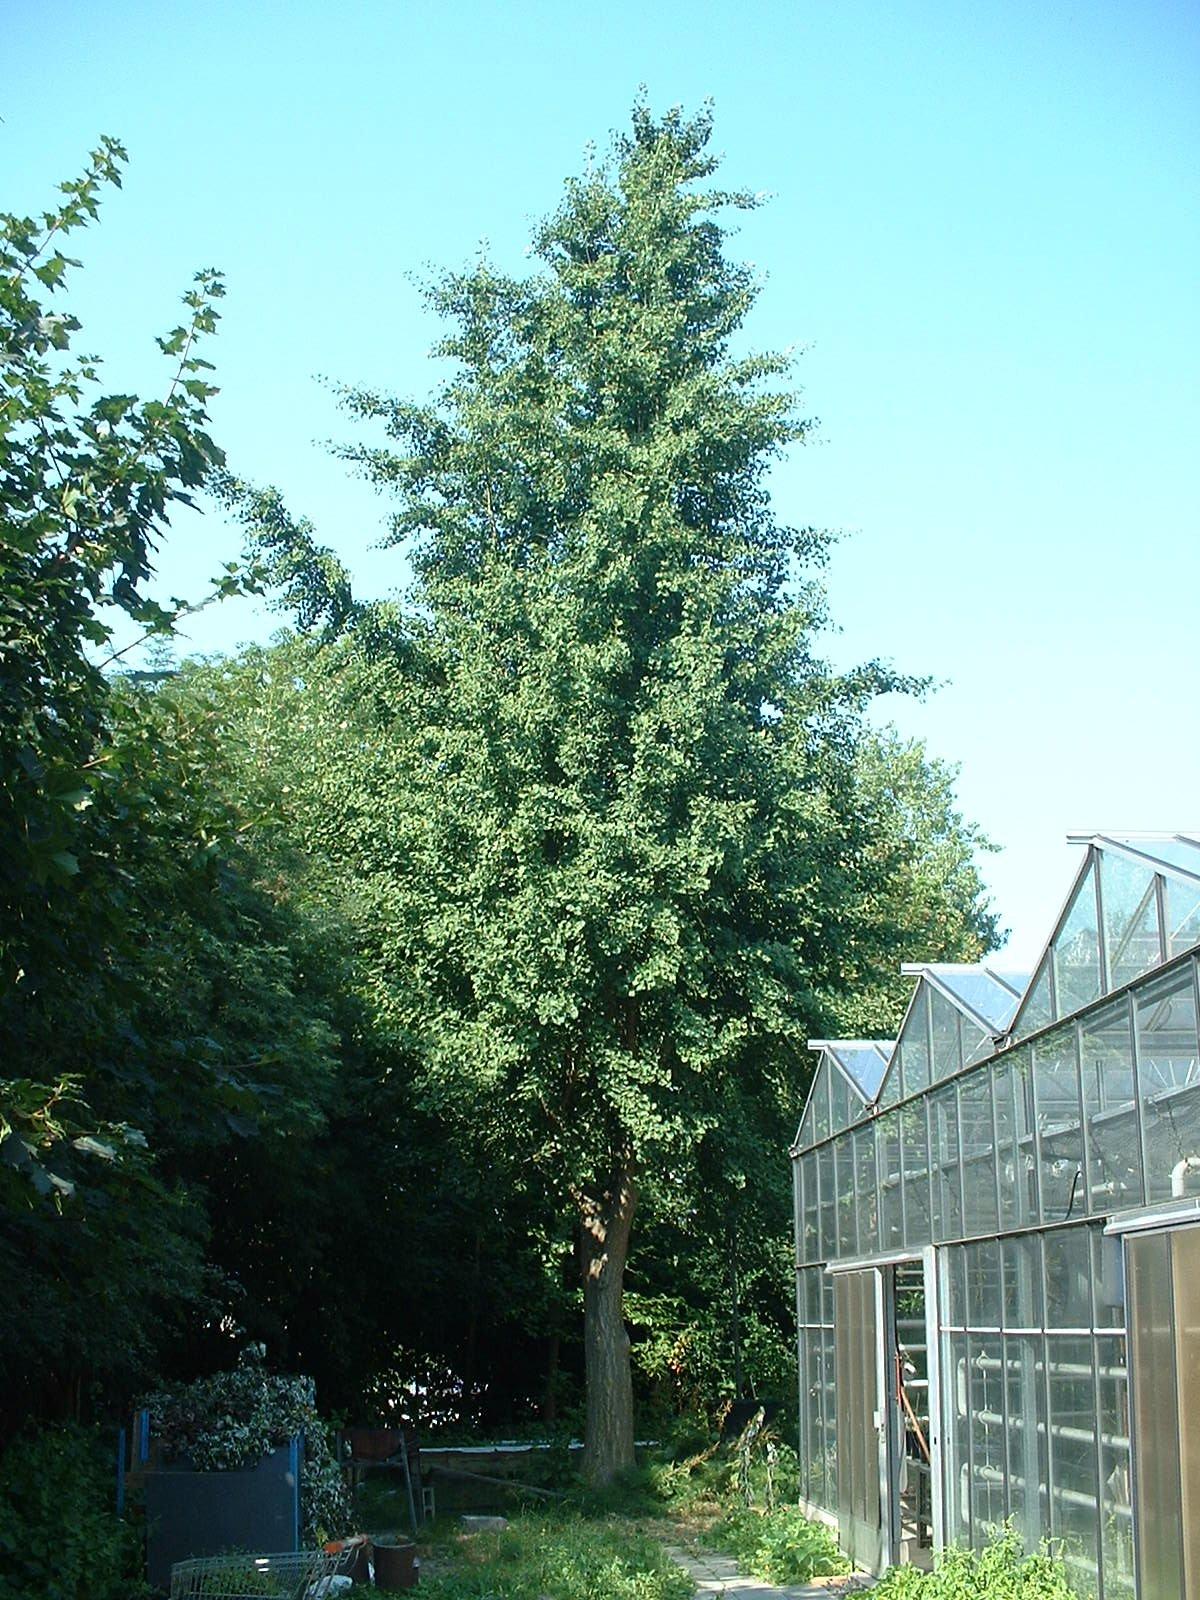 Arbre aux quarante écus – Bruxelles, Université Libre de Bruxelles - Solbosch, Avenue Adolphe Buyl –  16 Juillet 2003